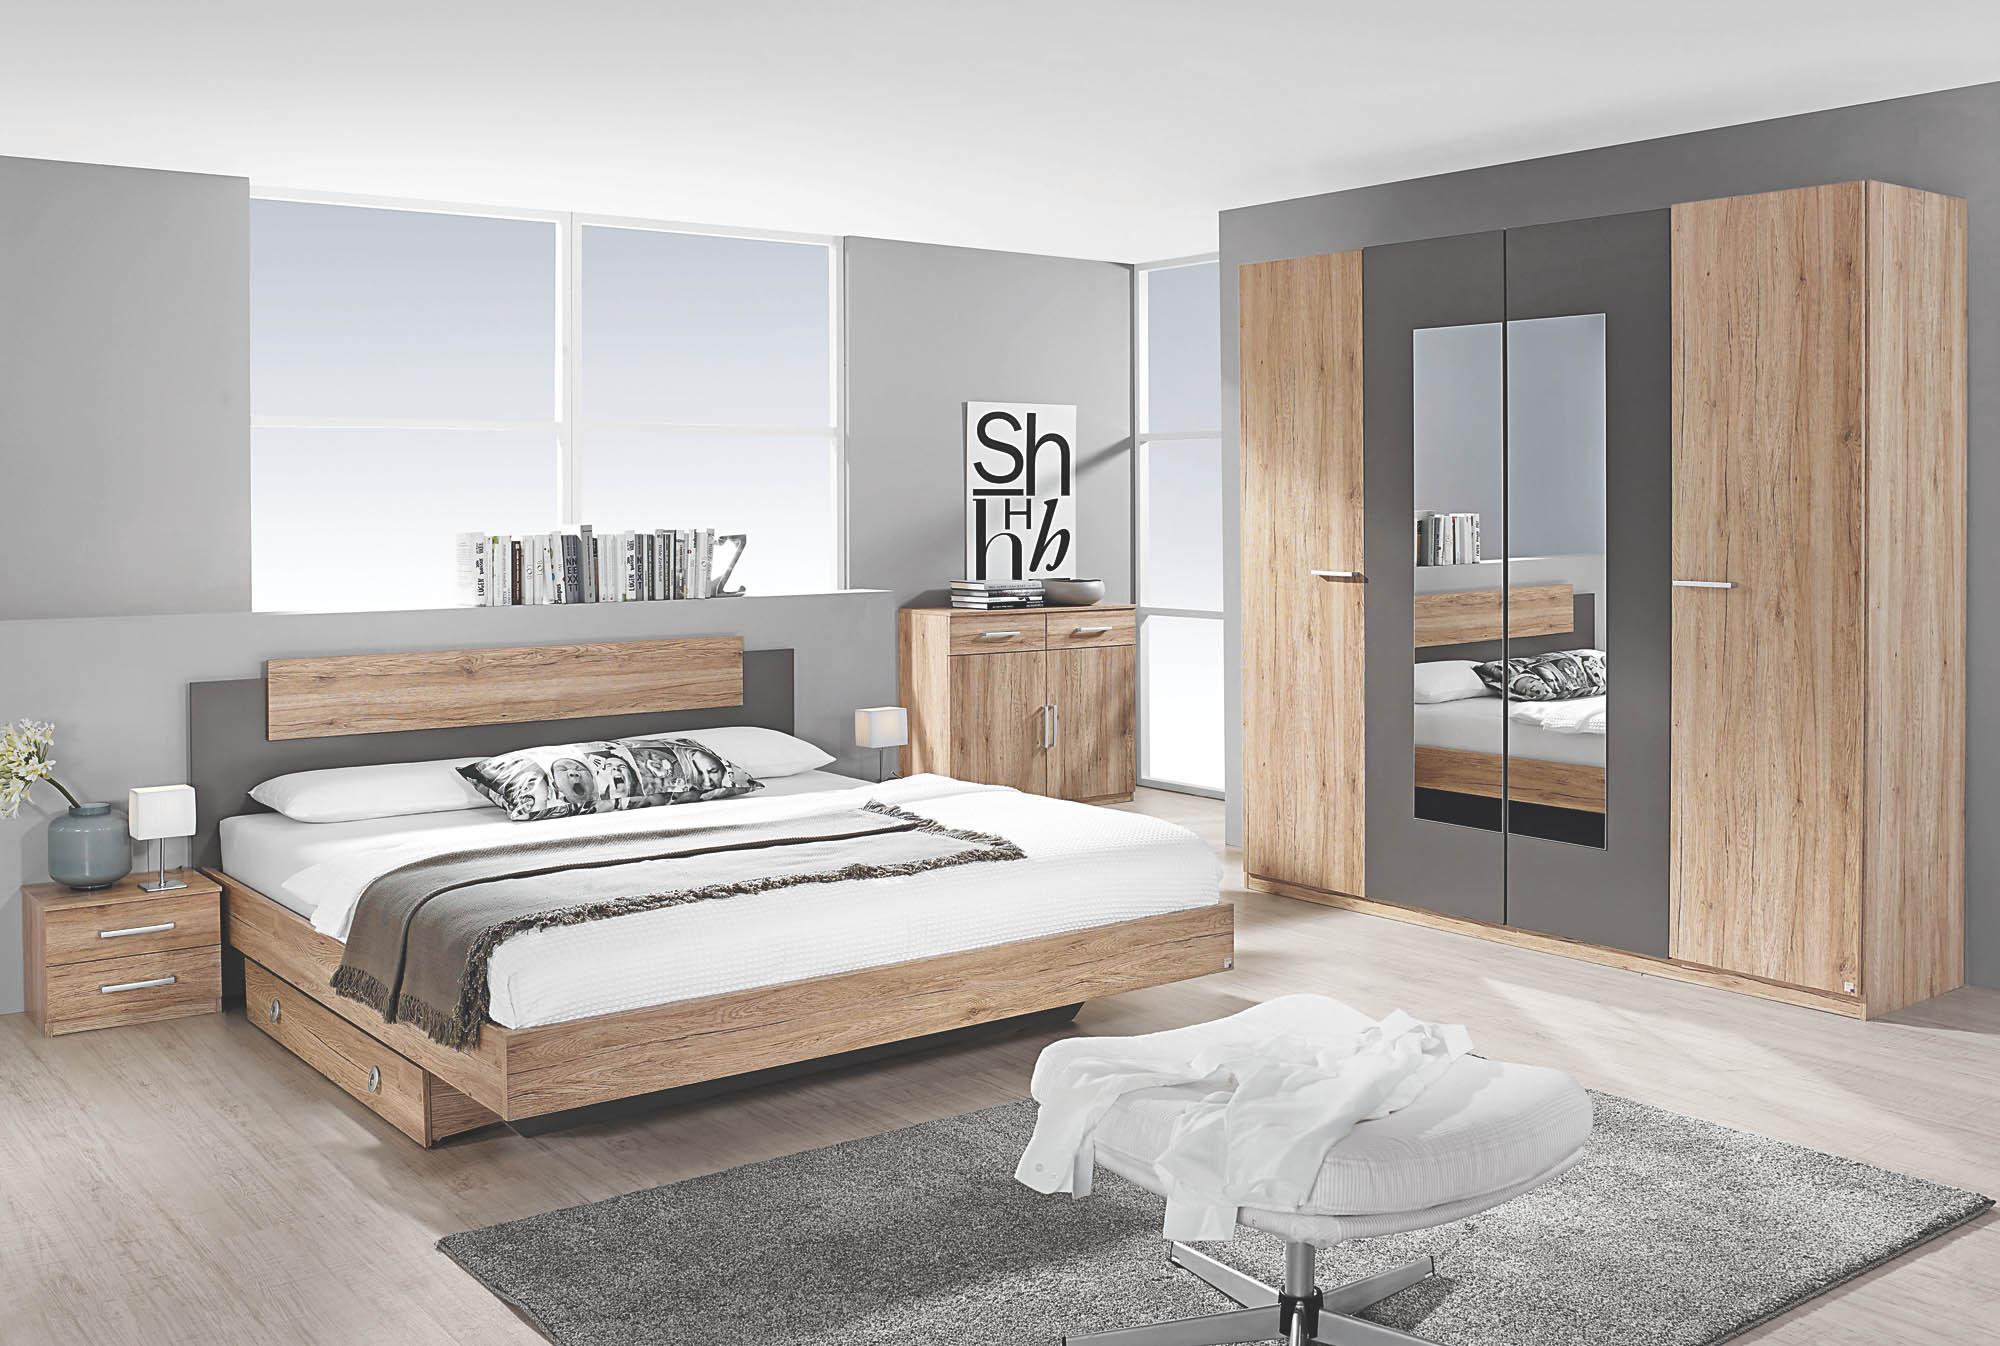 Full Size of Betten 160x200 Schlafzimmer 4 Tlg Borba Von Rauch Packs Mit Bett Eiche Kaufen Jugend Aus Holz Köln Schöne Joop Billerbeck Jensen Weiße Außergewöhnliche Bett Betten 160x200